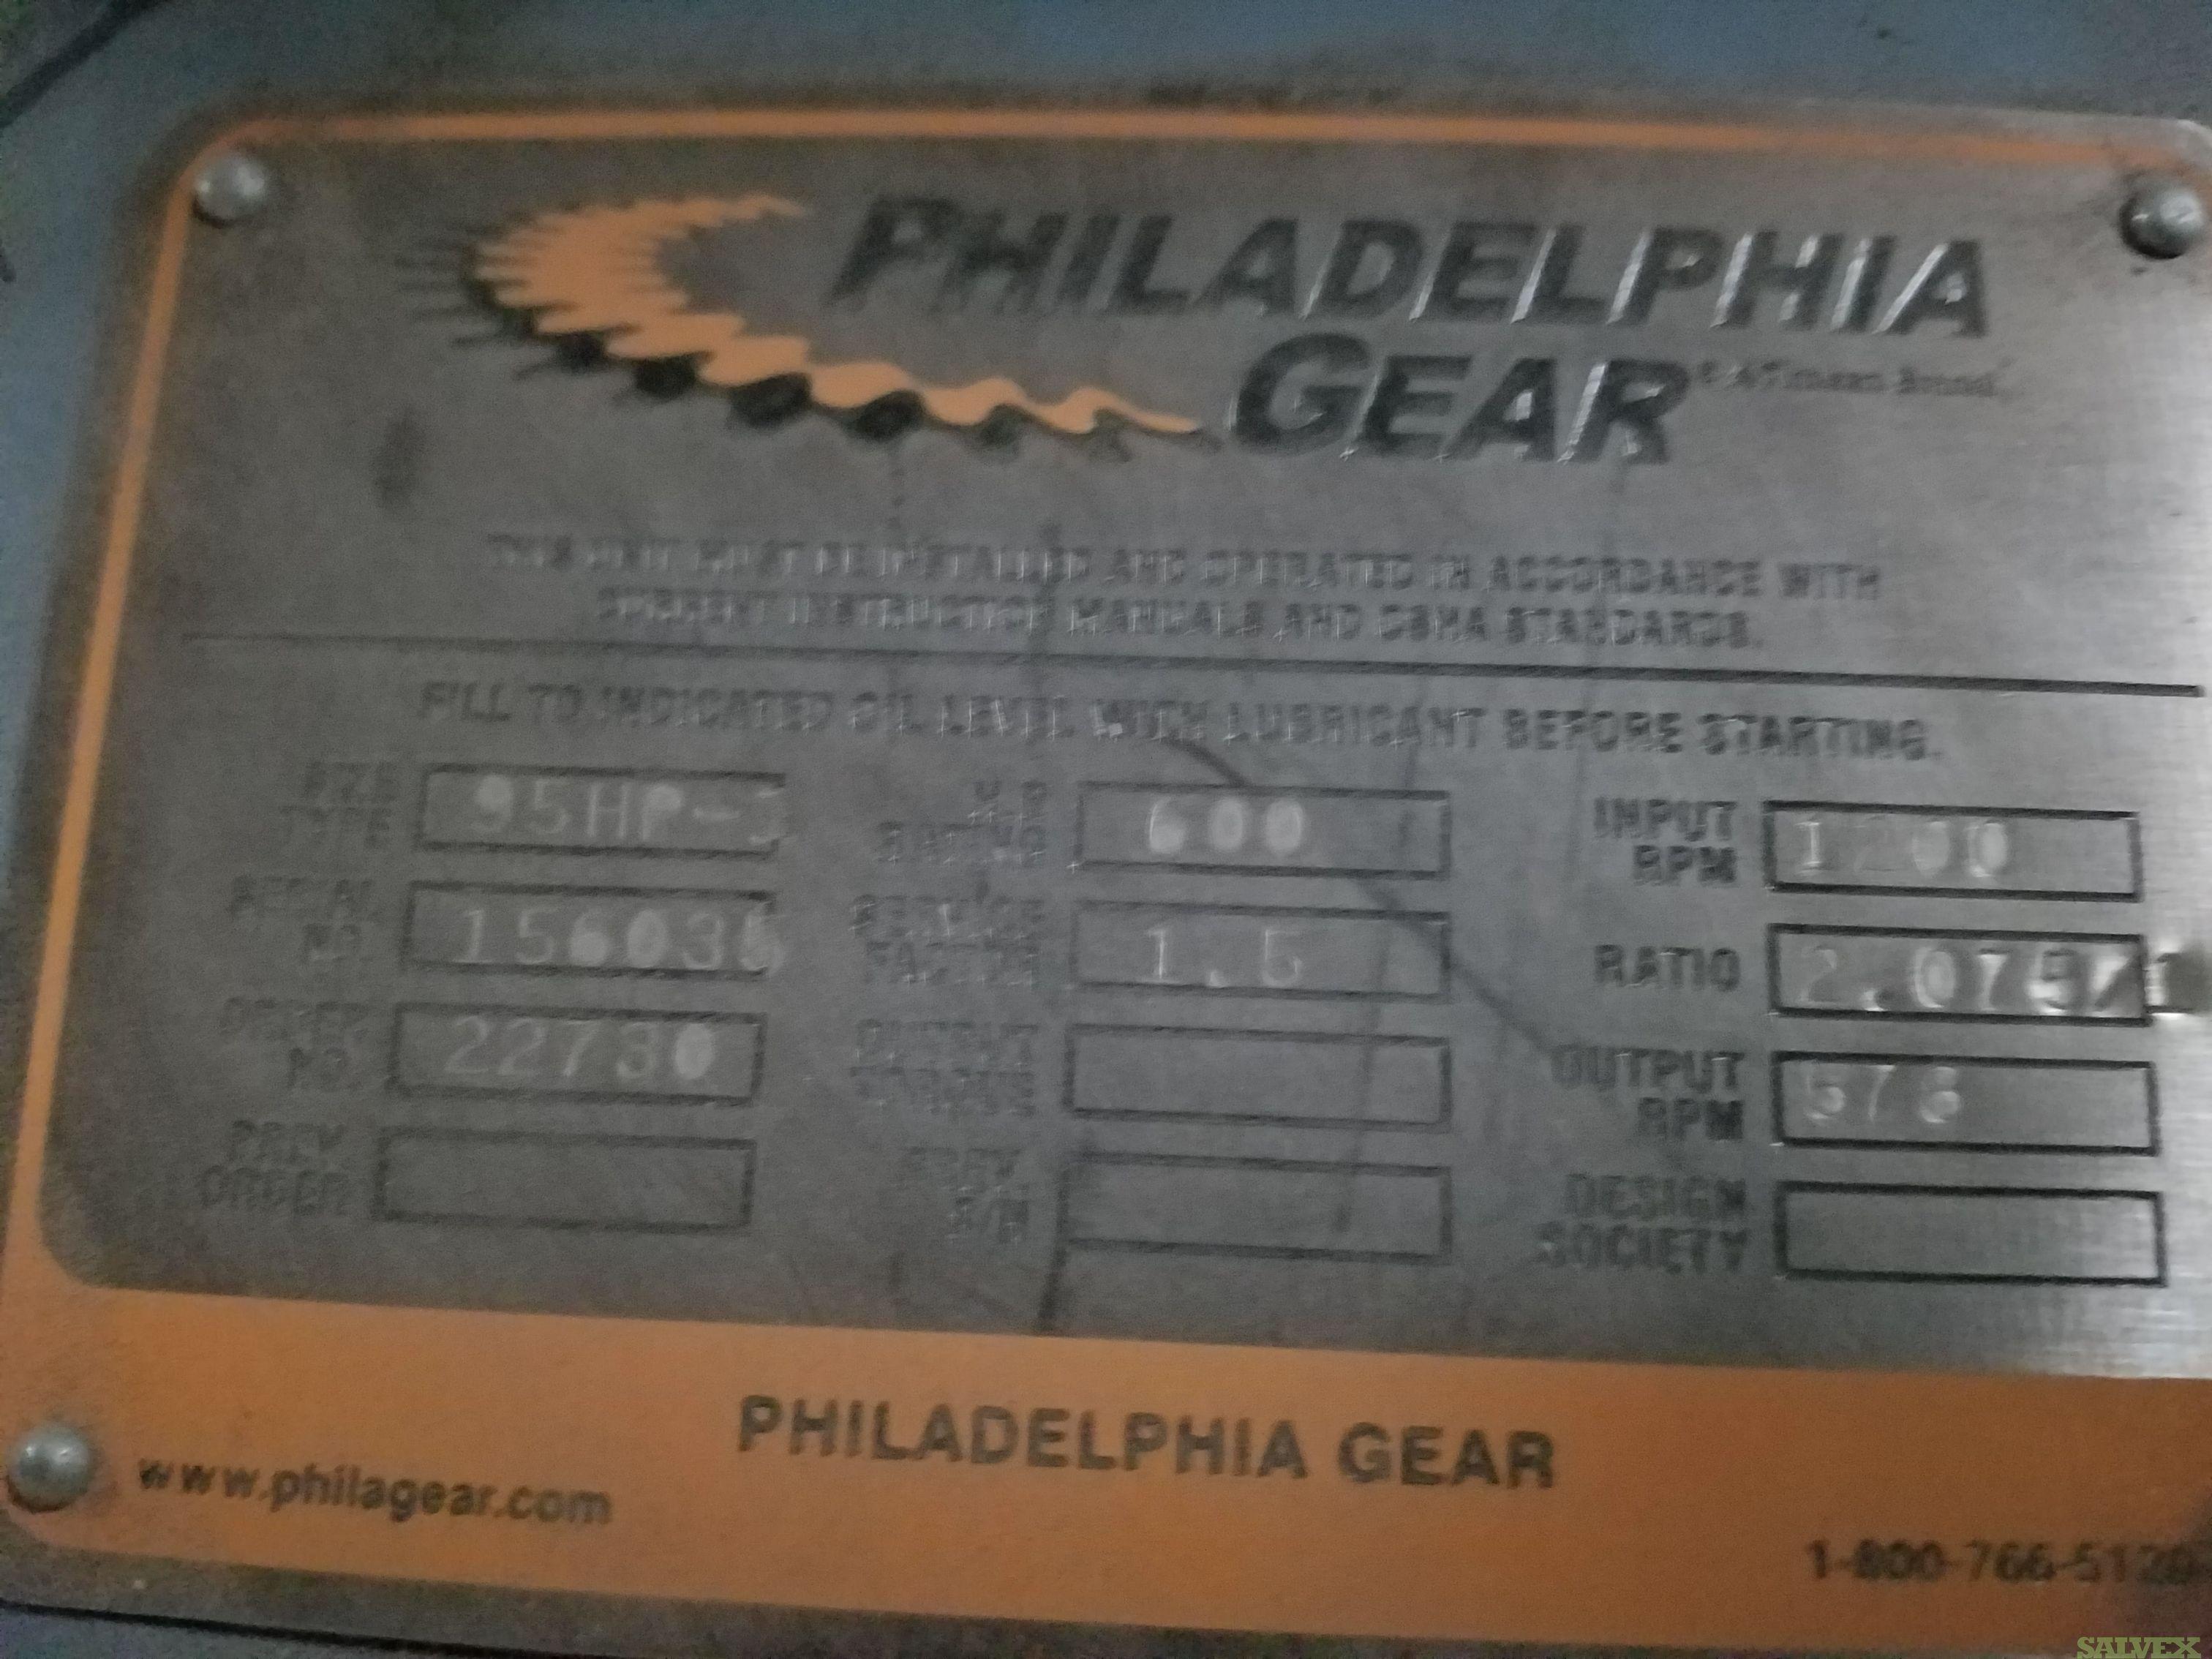 2013 Philadelphia Gear,  95 HP Gearbox